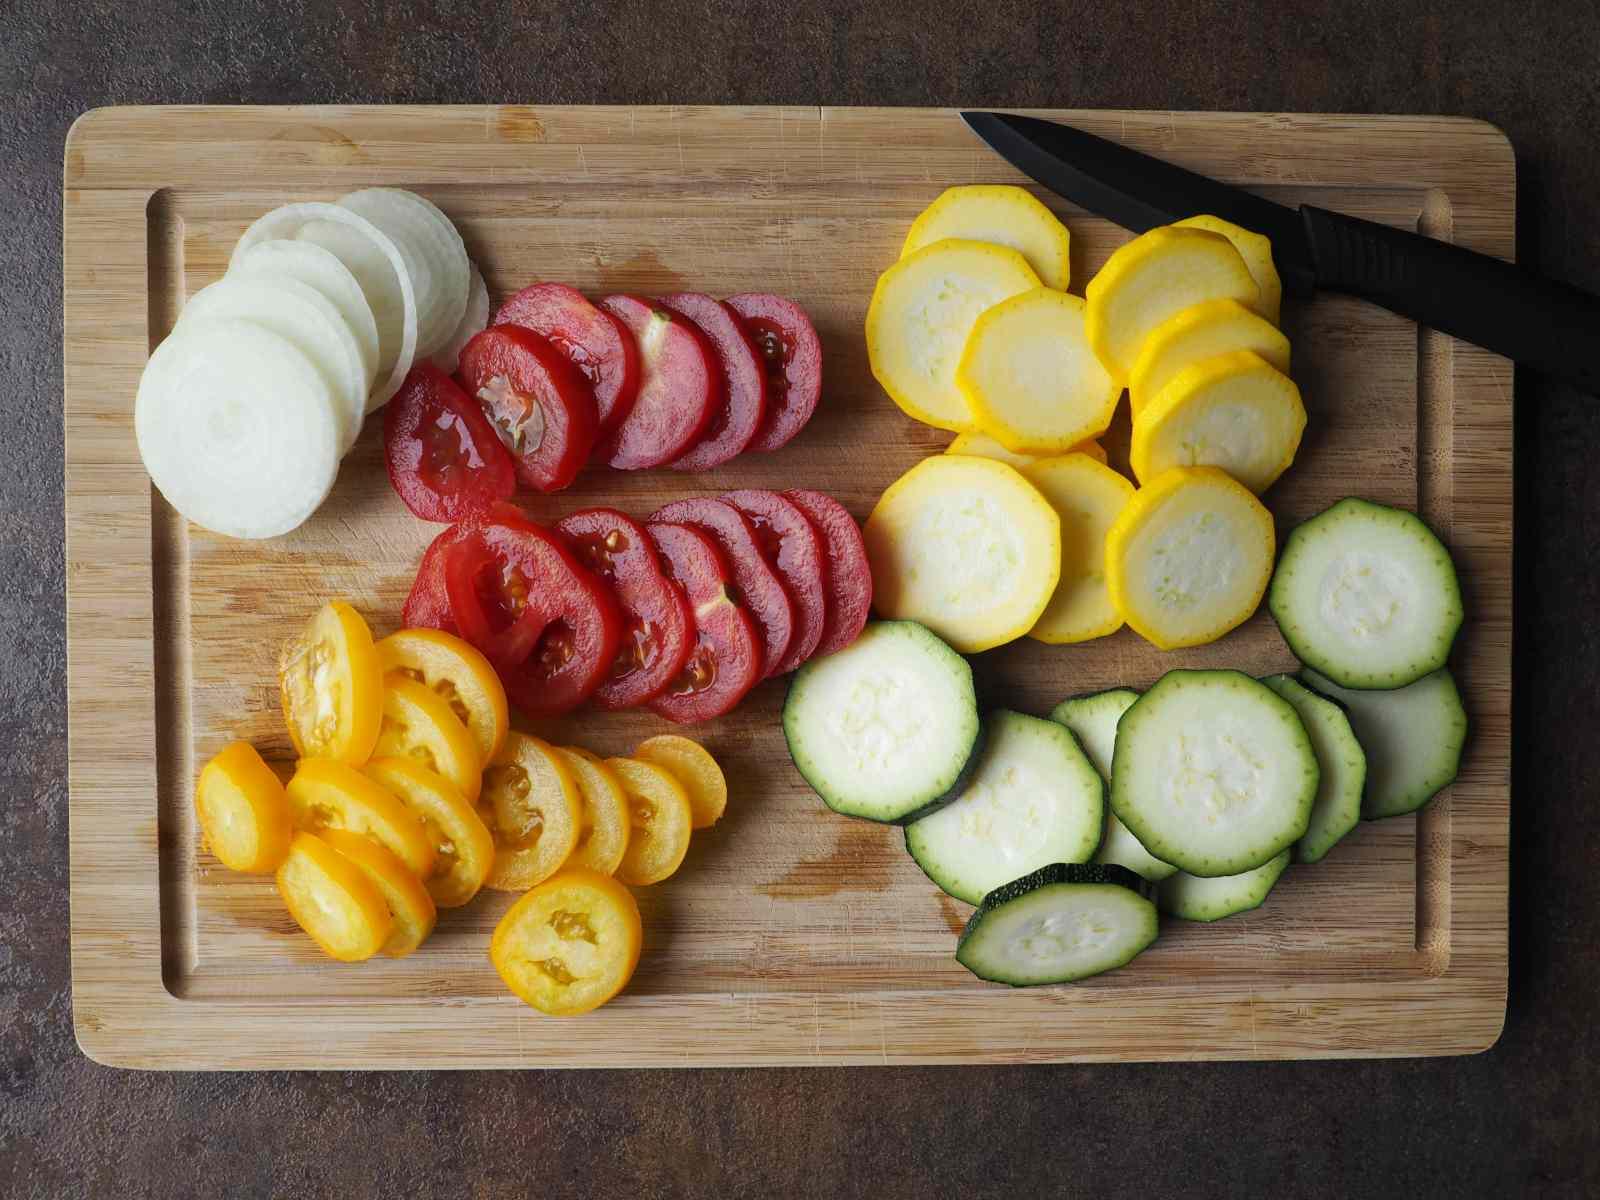 Gemüse (Tomaten, Zucchini. Zwiebel) geschnitten für die Tomaten-Zucchini-Galette